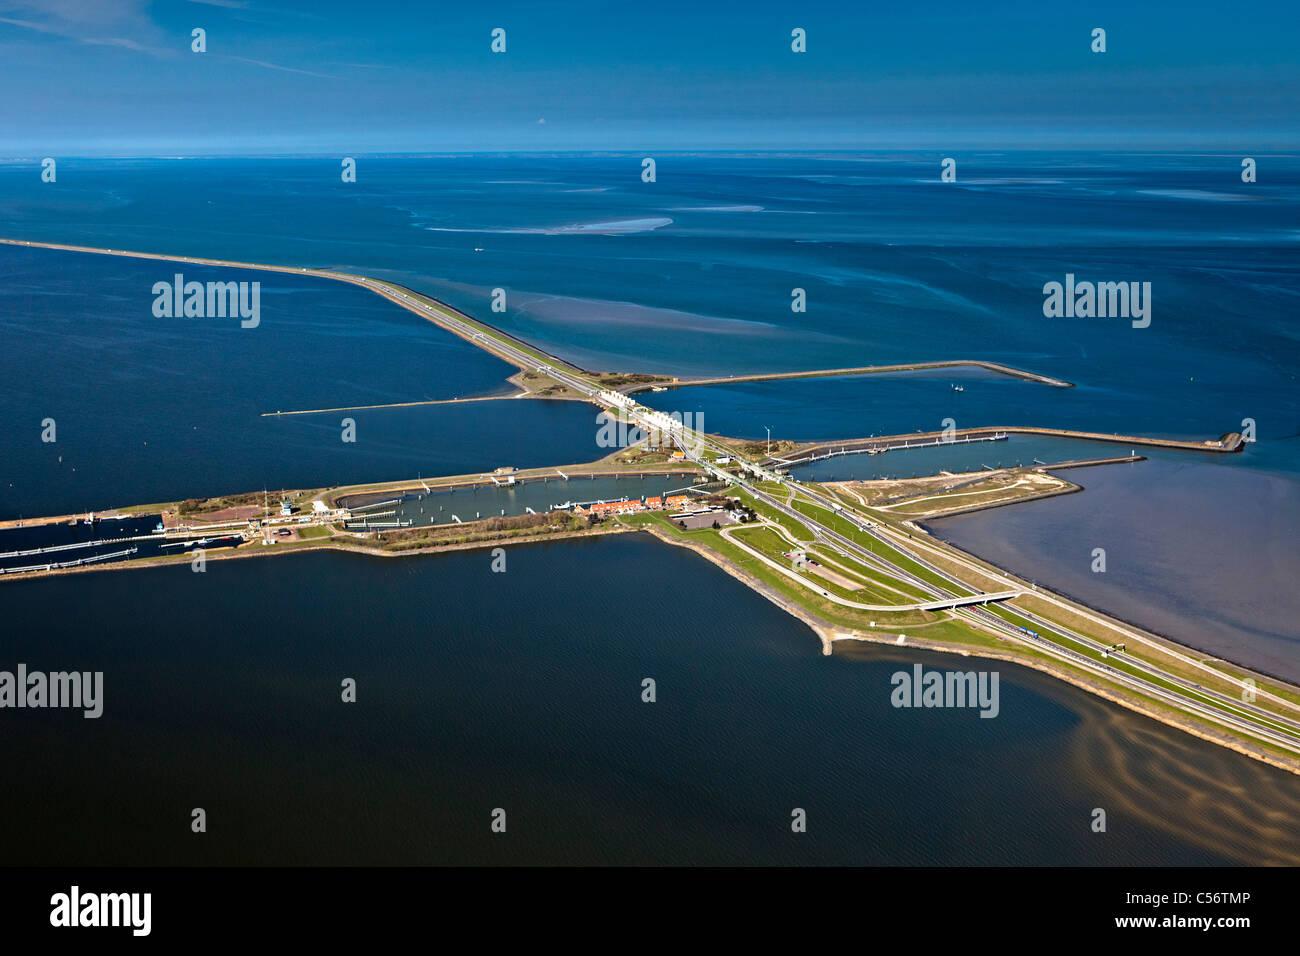 The Netherlands, Den Oever, Aerial of IJsselmeer Dam also called Afsluitdijk. Locks. - Stock Image